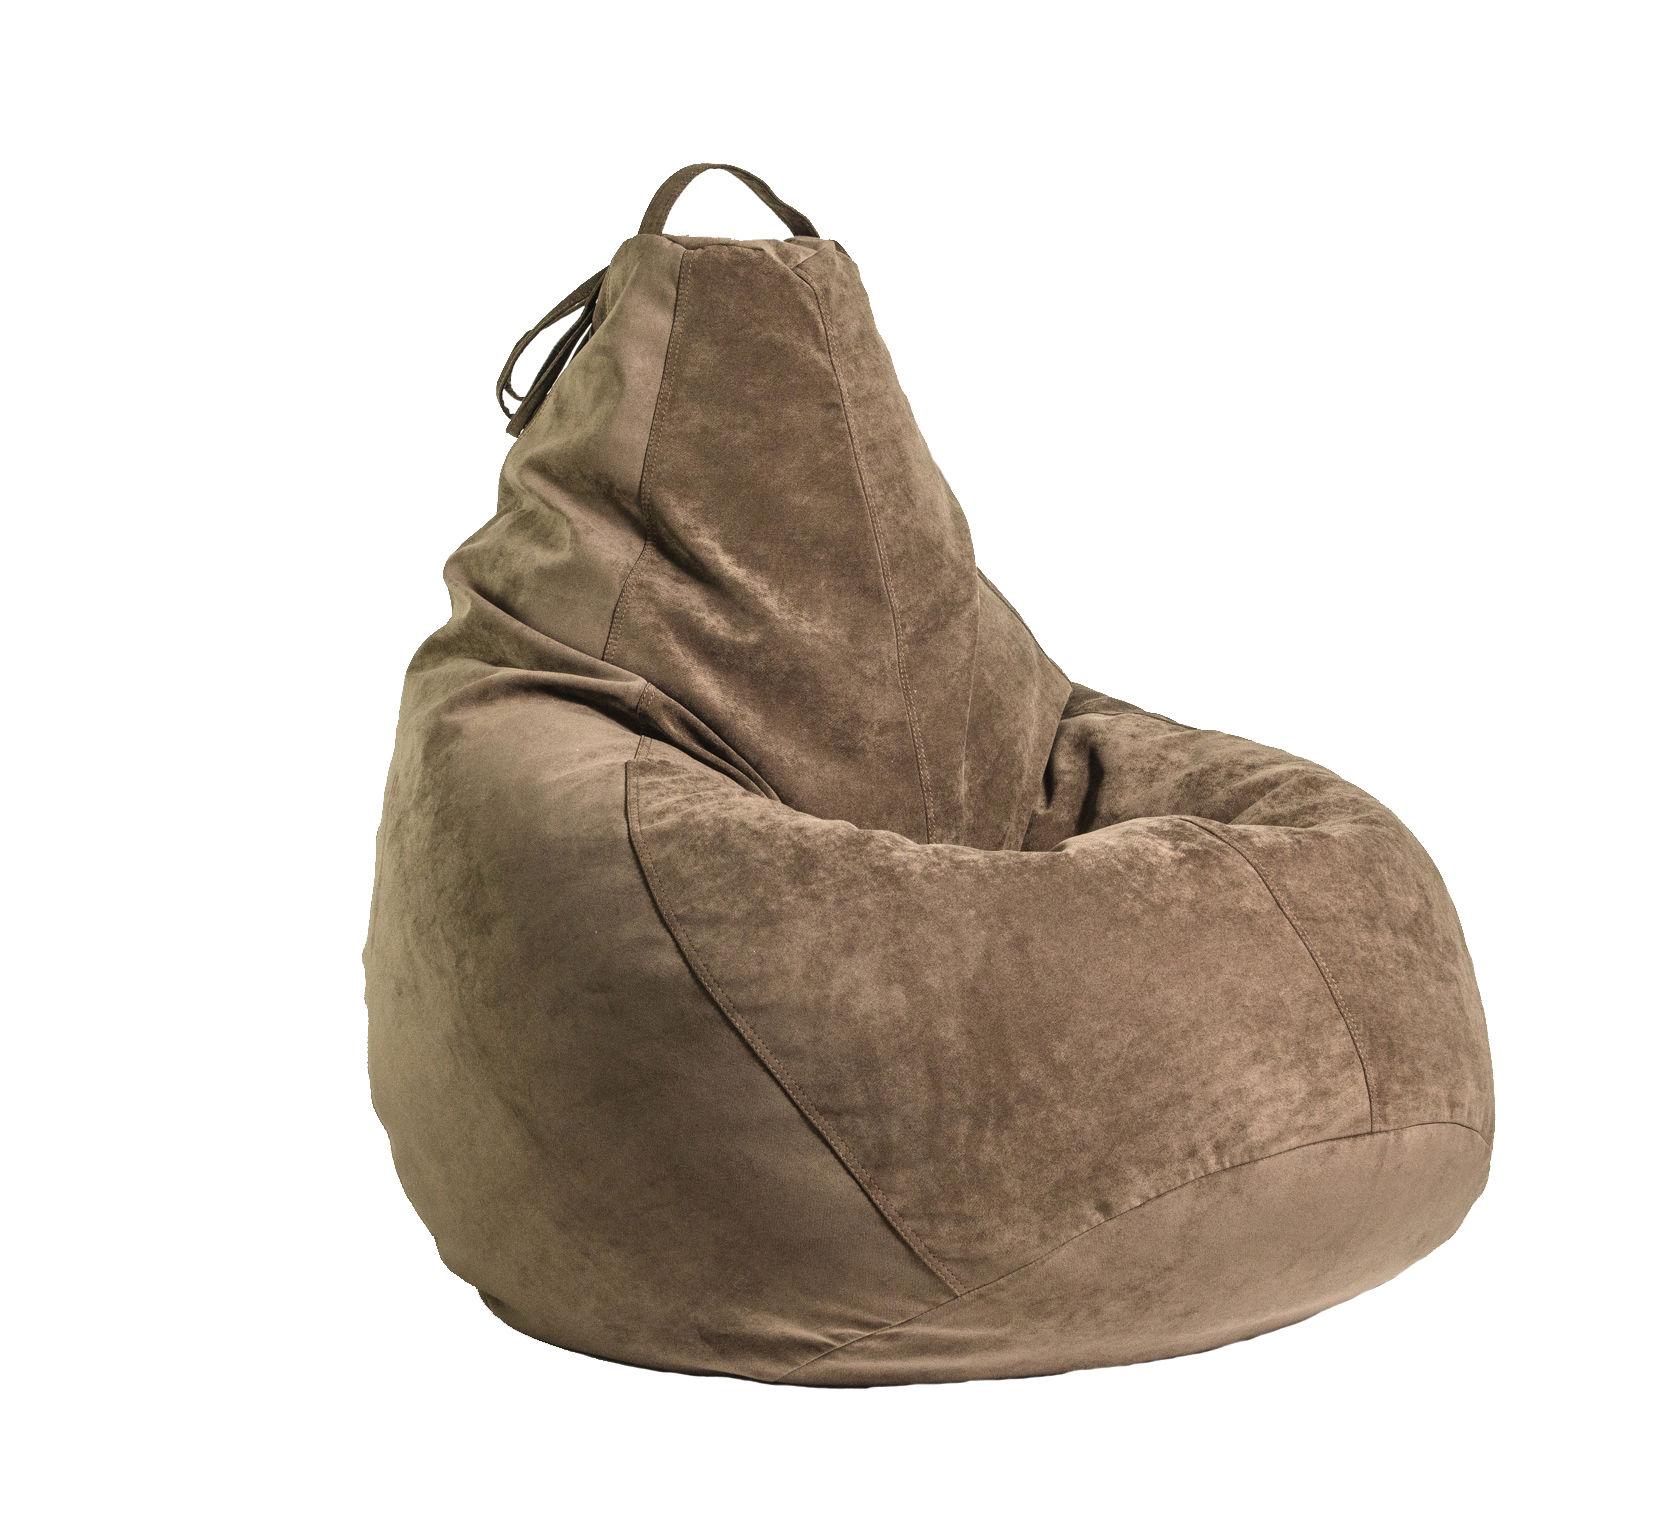 Кресло-мешок BossКресла-мешки<br>&amp;lt;div&amp;gt;Бескаркасное кресло-мешок Boss - это кресло большого размера, которое хорошо поддерживает спину и плечи. Это делает кресло удобным для отдыха. Ткань - микровелюр с коротким ворсом. Коллекция тканей Aкварель была создана по полотнам художника Эдуарда Гау, что придает ей художественный шарм. Прочность ткани 60 000 циклов по Мартиндейлу, что подходит даже для коммерческого использования. Внешний чехол снимается для чистки или стирки в деликатном режиме. Внутренний чехол влагонепроницаемый. Фирменный наполнитель с гарантией 1 год. &amp;amp;nbsp; &amp;amp;nbsp; &amp;amp;nbsp; &amp;amp;nbsp; &amp;amp;nbsp; &amp;amp;nbsp; &amp;amp;nbsp; &amp;amp;nbsp; &amp;amp;nbsp; &amp;amp;nbsp; &amp;amp;nbsp; &amp;amp;nbsp; &amp;amp;nbsp; &amp;amp;nbsp; &amp;amp;nbsp; &amp;amp;nbsp; &amp;amp;nbsp; &amp;amp;nbsp; &amp;amp;nbsp; &amp;amp;nbsp; &amp;amp;nbsp; &amp;amp;nbsp; &amp;amp;nbsp; &amp;amp;nbsp; &amp;amp;nbsp; &amp;amp;nbsp; &amp;amp;nbsp; &amp;amp;nbsp; &amp;amp;nbsp; &amp;amp;nbsp; &amp;amp;nbsp; &amp;amp;nbsp; &amp;amp;nbsp; &amp;amp;nbsp; &amp;amp;nbsp; &amp;amp;nbsp; &amp;amp;nbsp; &amp;amp;nbsp; &amp;amp;nbsp; &amp;amp;nbsp; &amp;amp;nbsp; &amp;amp;nbsp; &amp;amp;nbsp; &amp;amp;nbsp; &amp;amp;nbsp; &amp;amp;nbsp; &amp;amp;nbsp; &amp;amp;nbsp; &amp;amp;nbsp; &amp;amp;nbsp; &amp;amp;nbsp; &amp;amp;nbsp; &amp;amp;nbsp; &amp;amp;nbsp; &amp;amp;nbsp;&amp;amp;nbsp;&amp;lt;/div&amp;gt;&amp;lt;div&amp;gt;Описание&amp;lt;/div&amp;gt;&amp;lt;div&amp;gt;Высота кресла............................150 см&amp;lt;/div&amp;gt;&amp;lt;div&amp;gt;Диаметр кресла...........................95 см&amp;lt;/div&amp;gt;&amp;lt;div&amp;gt;Высота посадки............................50 см&amp;lt;/div&amp;gt;&amp;lt;div&amp;gt;Объем наполнения....................0,35 м3&amp;lt;/div&amp;gt;&amp;lt;div&amp;gt;Нагрузка (max).............................250 кг&amp;lt;/div&amp;gt;&amp;lt;div&amp;gt;Вес кресла....................................7- 8 кг&amp;lt;/di